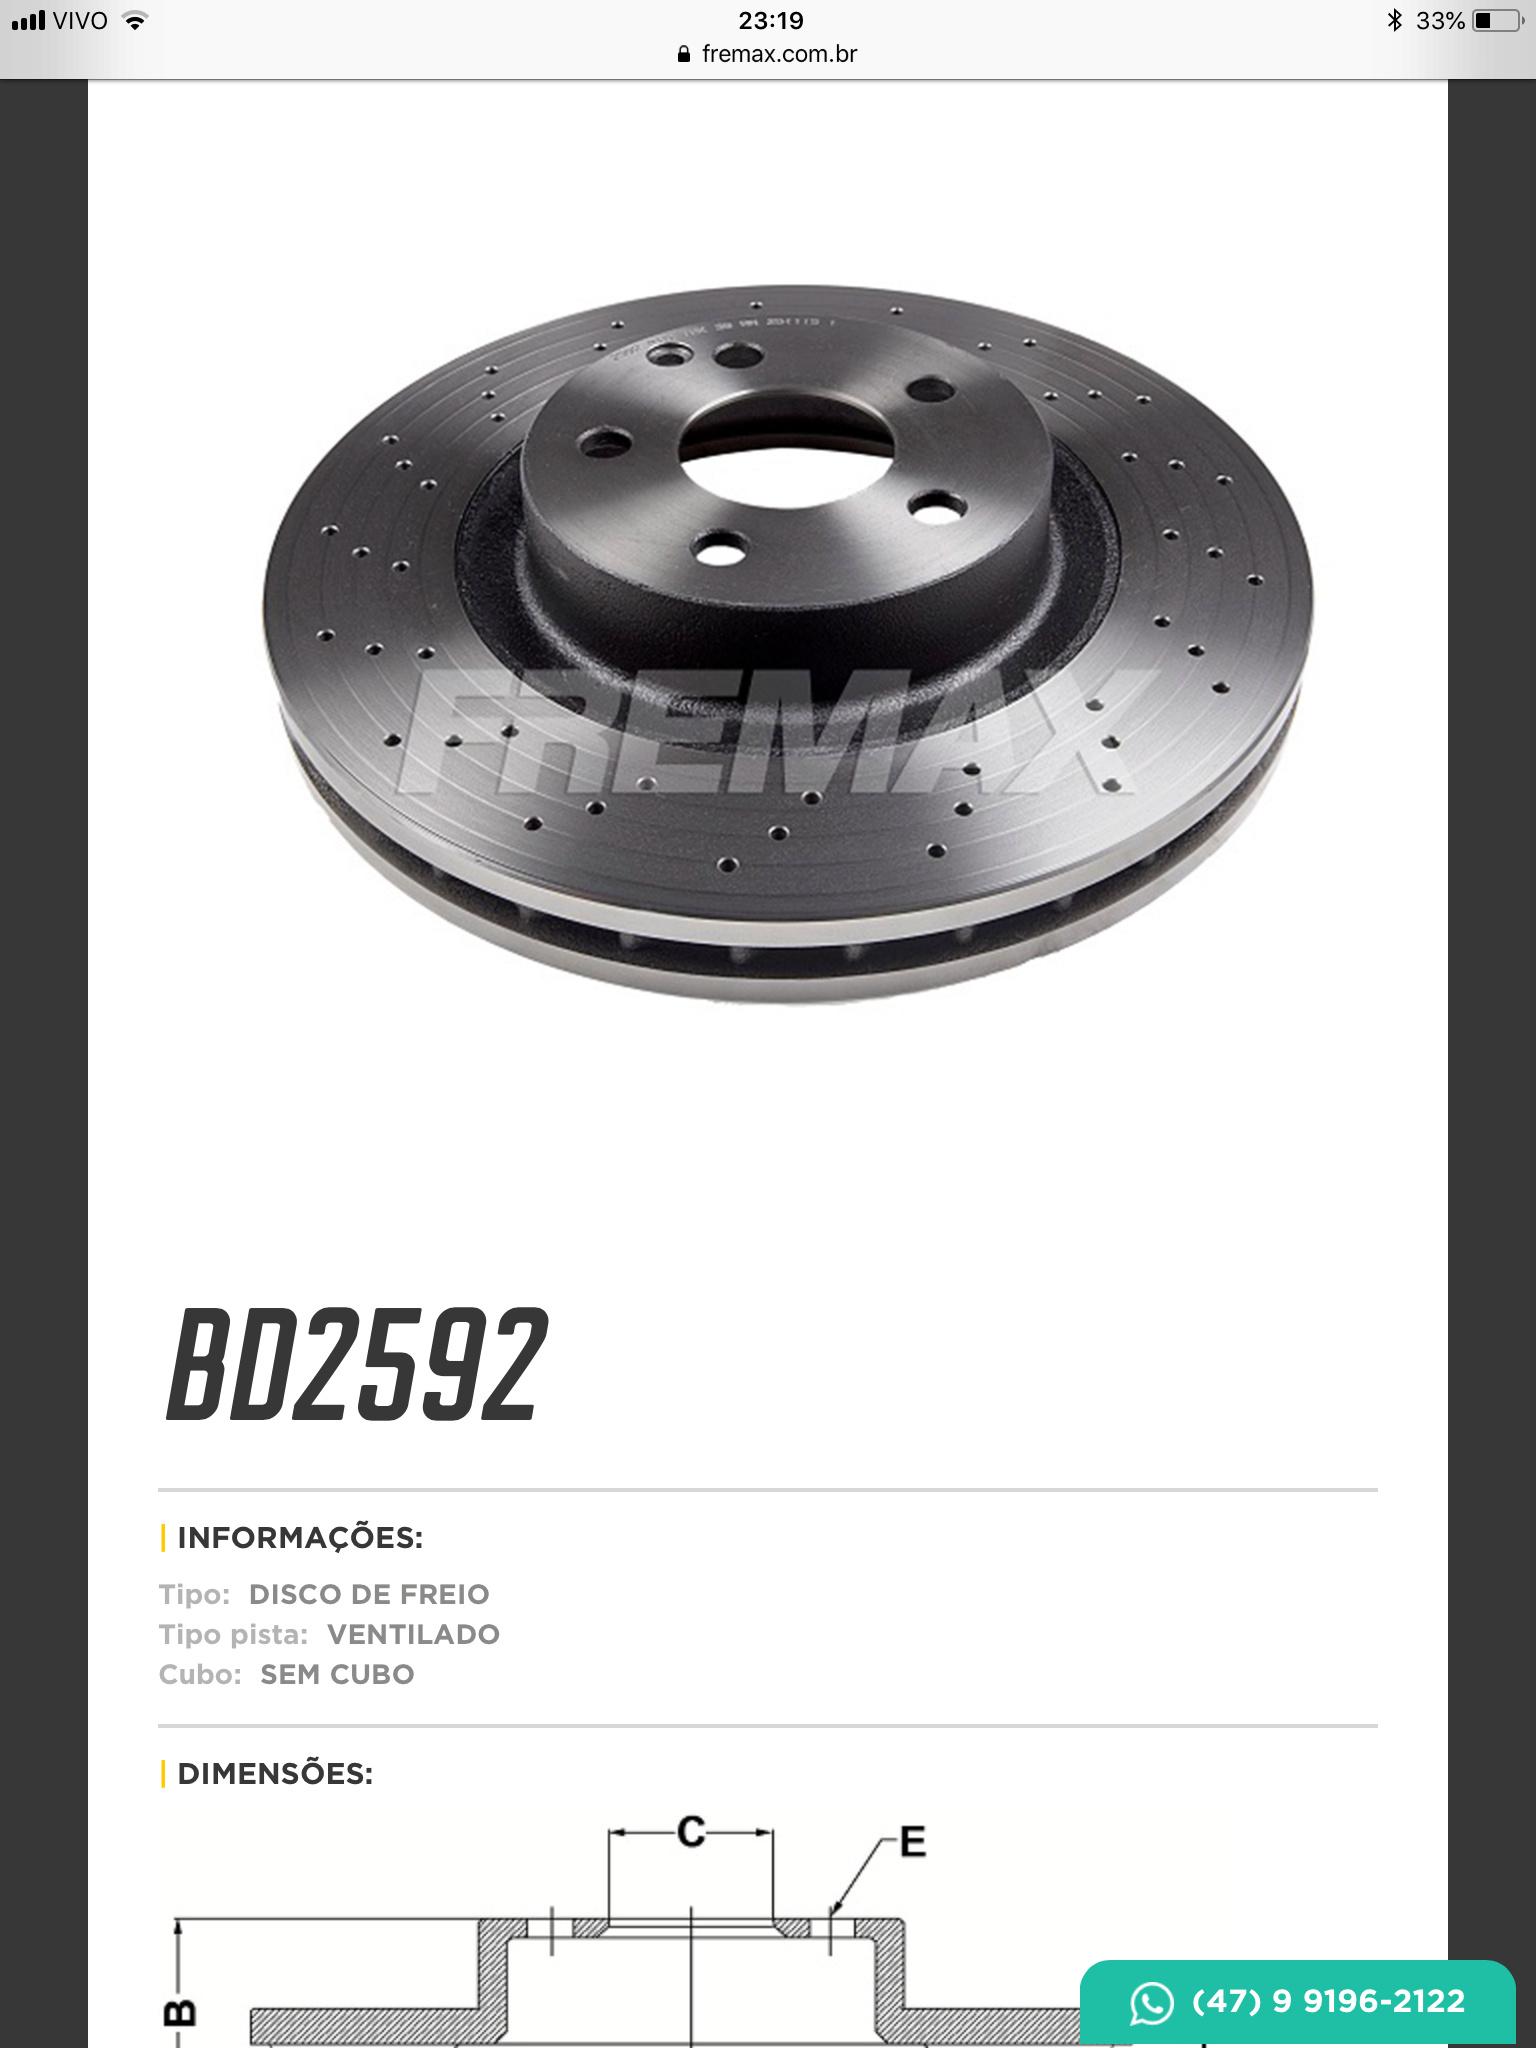 (X204): Troca dos discos de freio - Fremax® tem o modelo ventilado D0e8f810